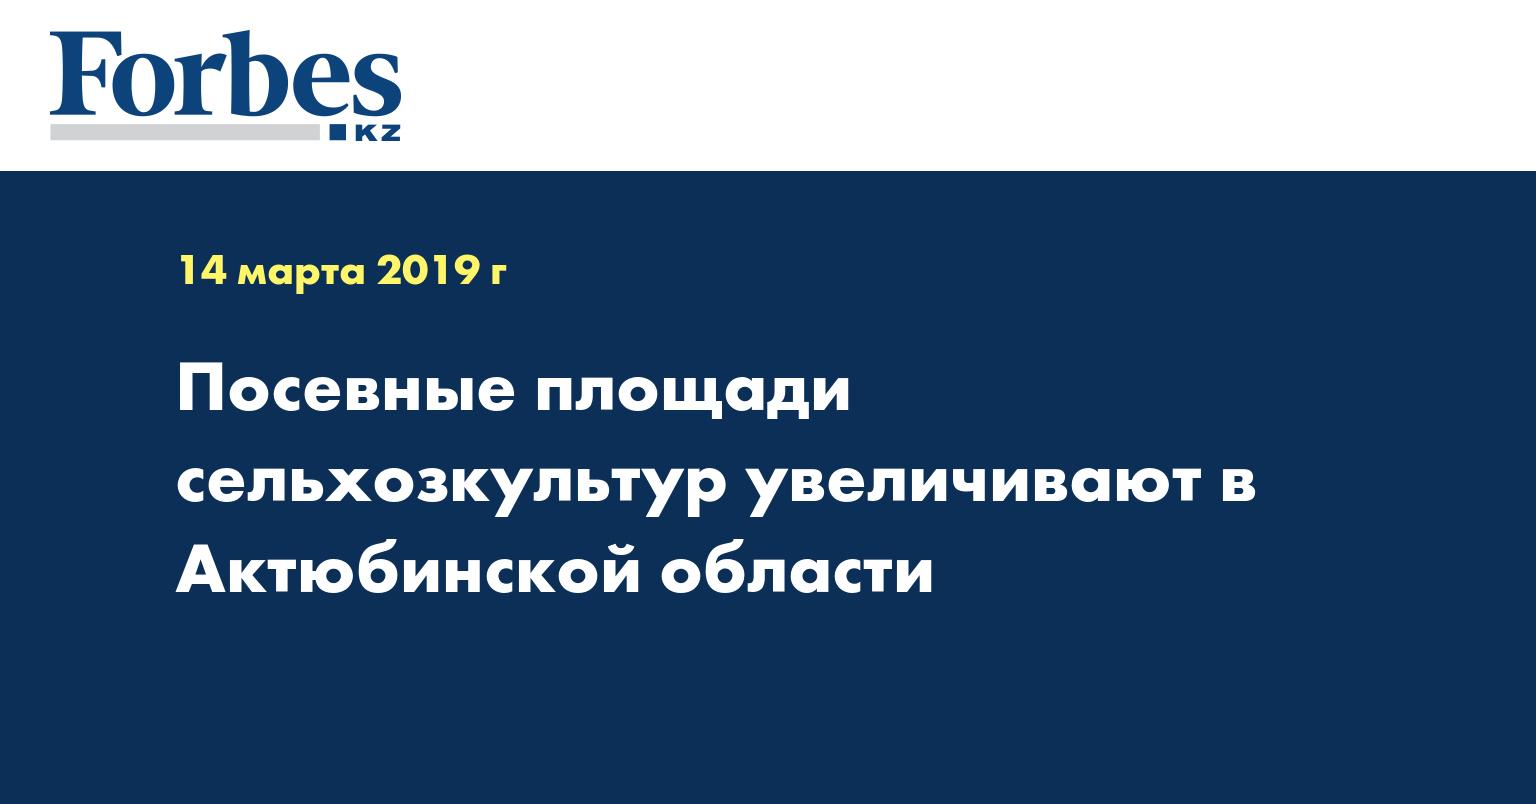 Посевные площади сельхозкультур увеличивают в Актюбинской области